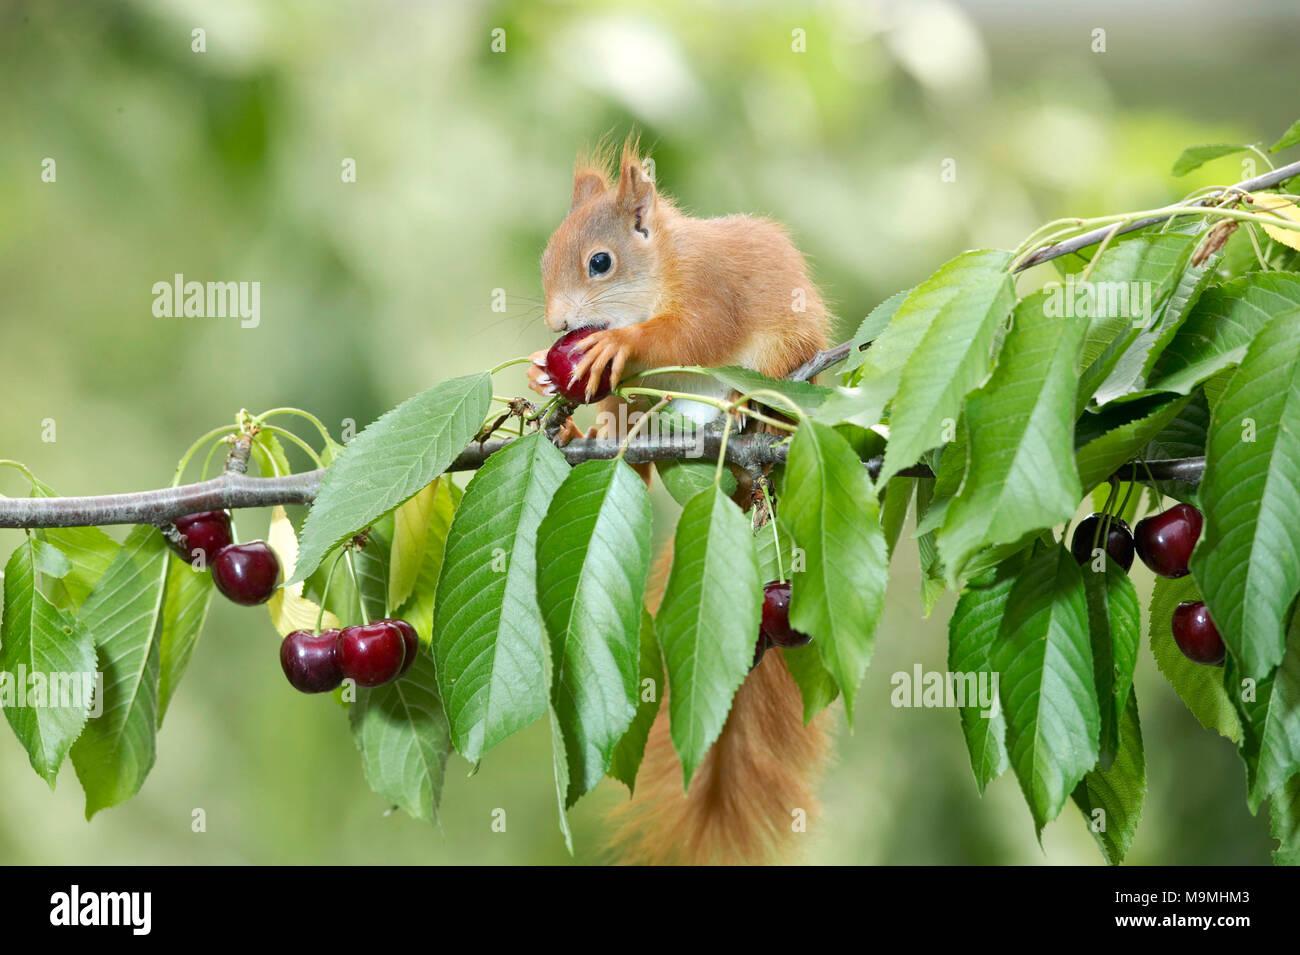 Europäisches Eichhörnchen (Sciurus vulgaris). Erwachsene Begleitperson eine Kirsche in einem Kirschbaum. Deutschland Stockbild